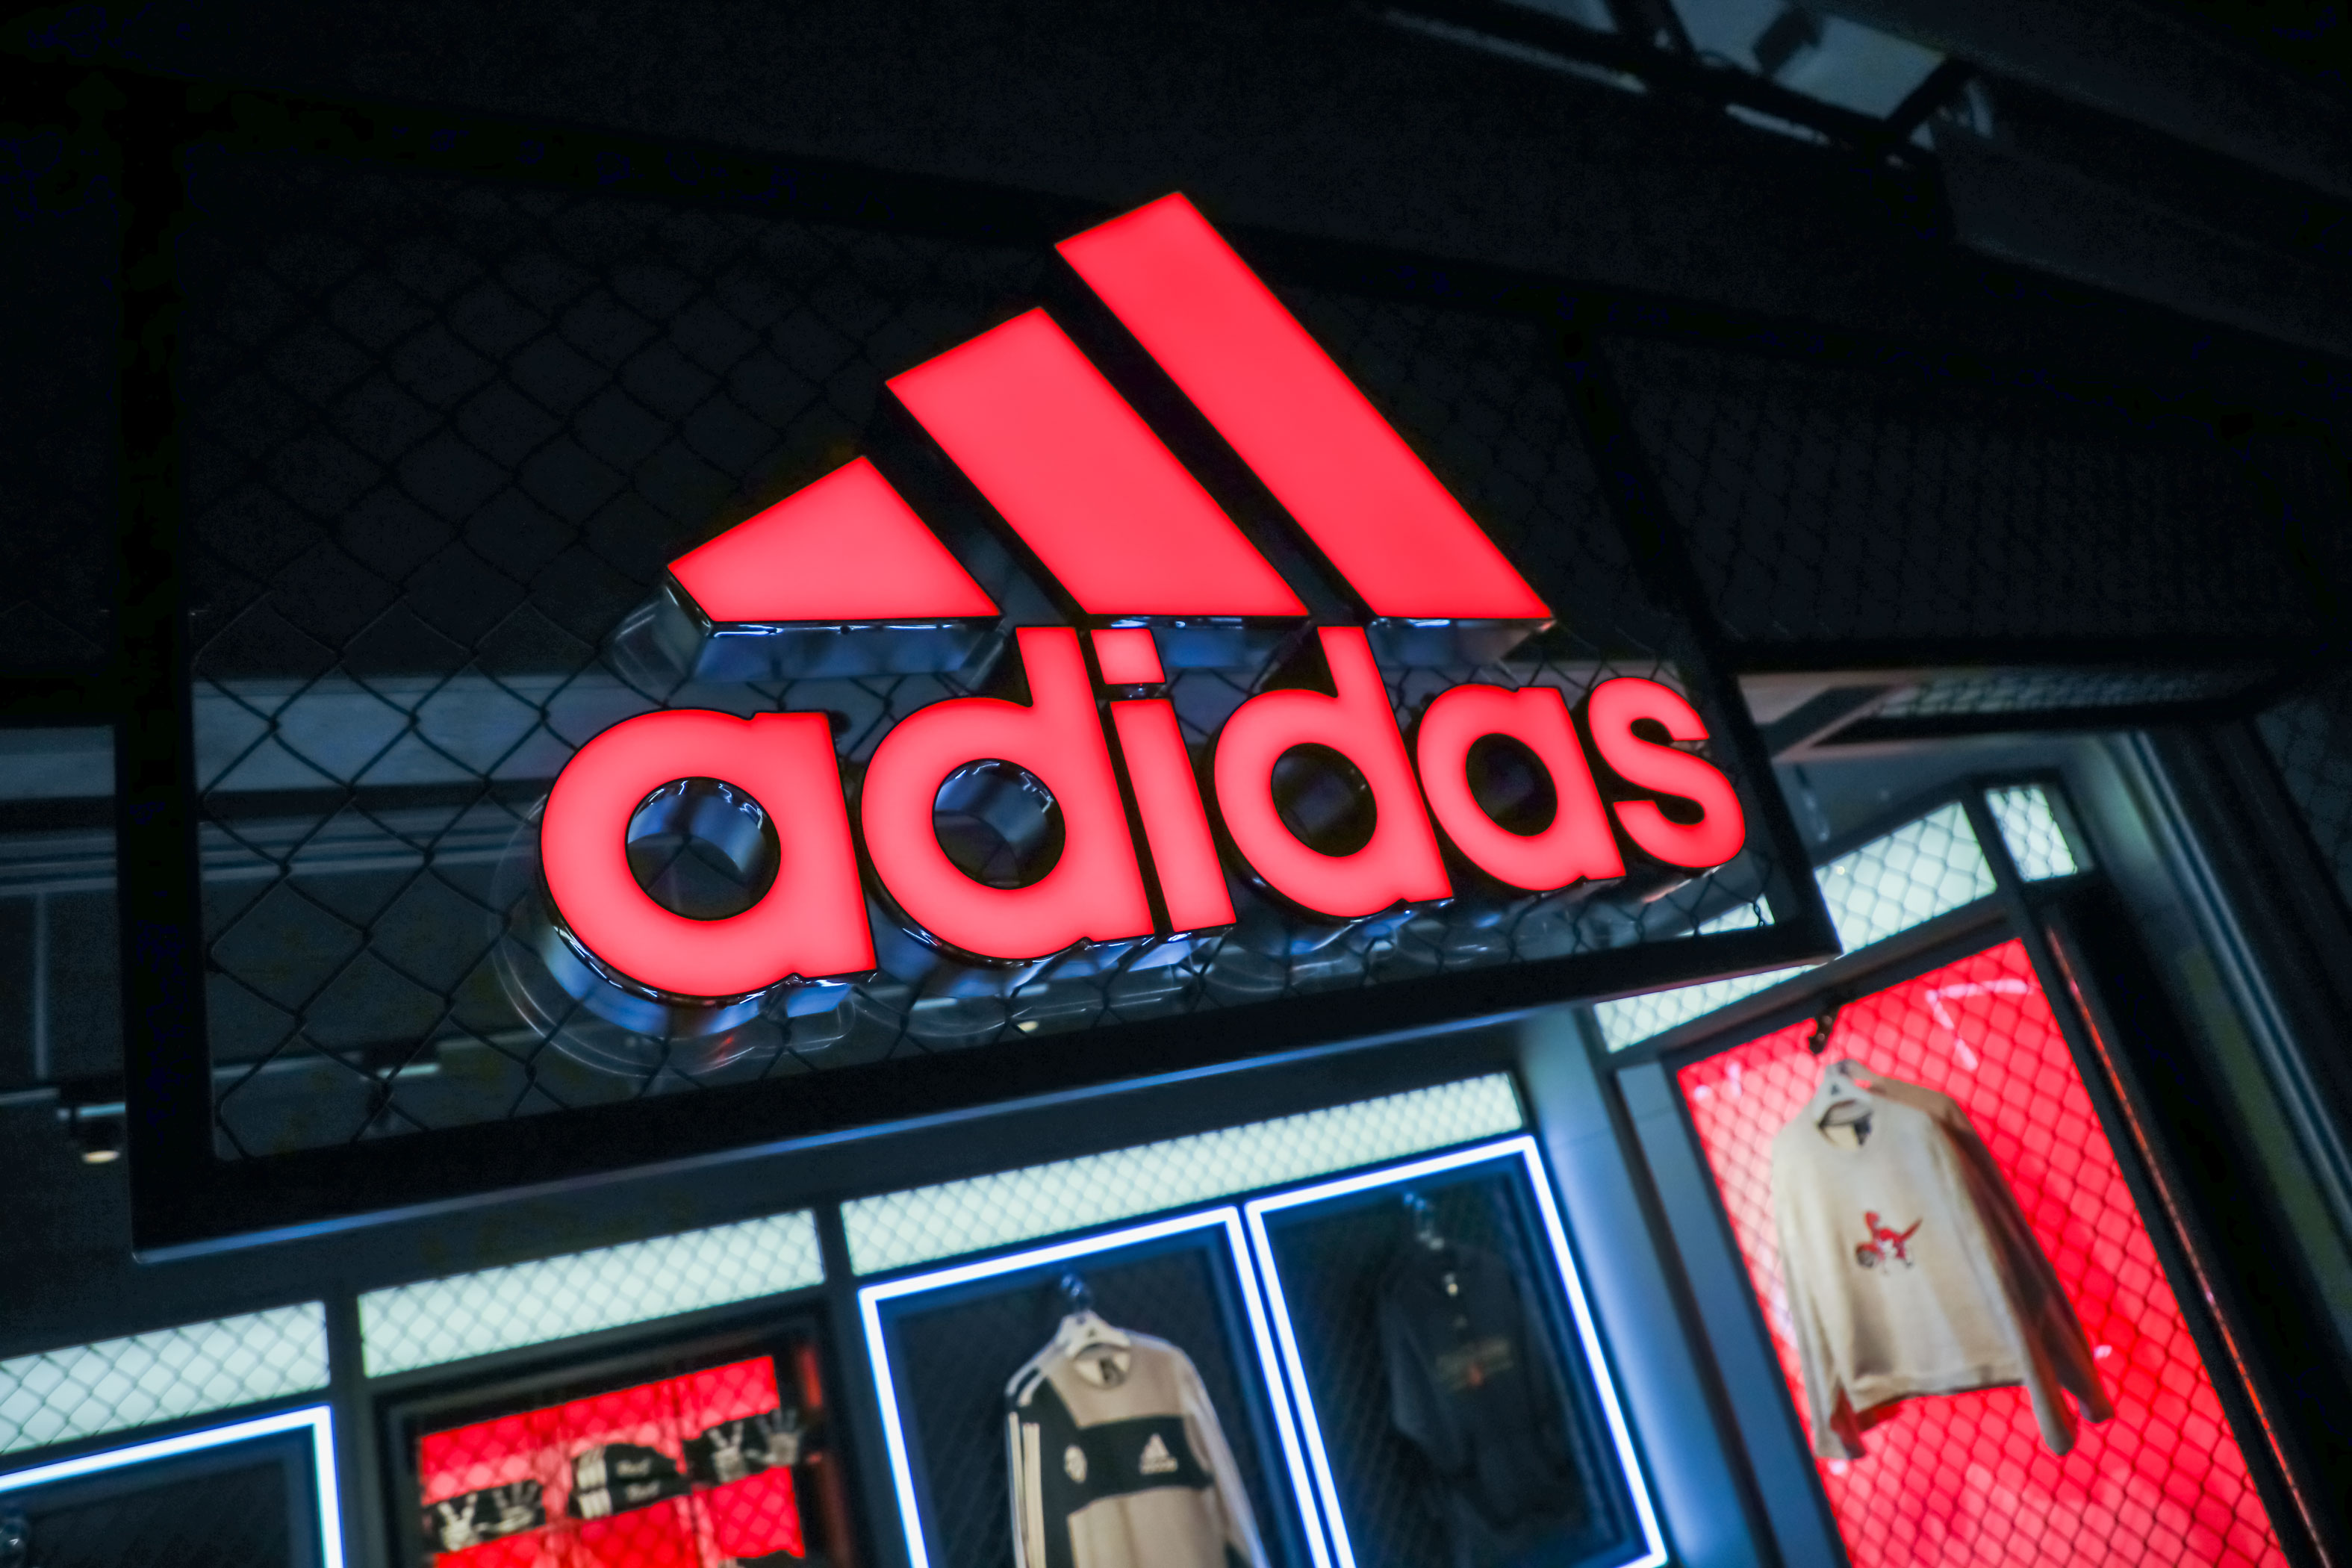 ASTOUND_Adidas_2019_ScotiabankKiosk_(8)